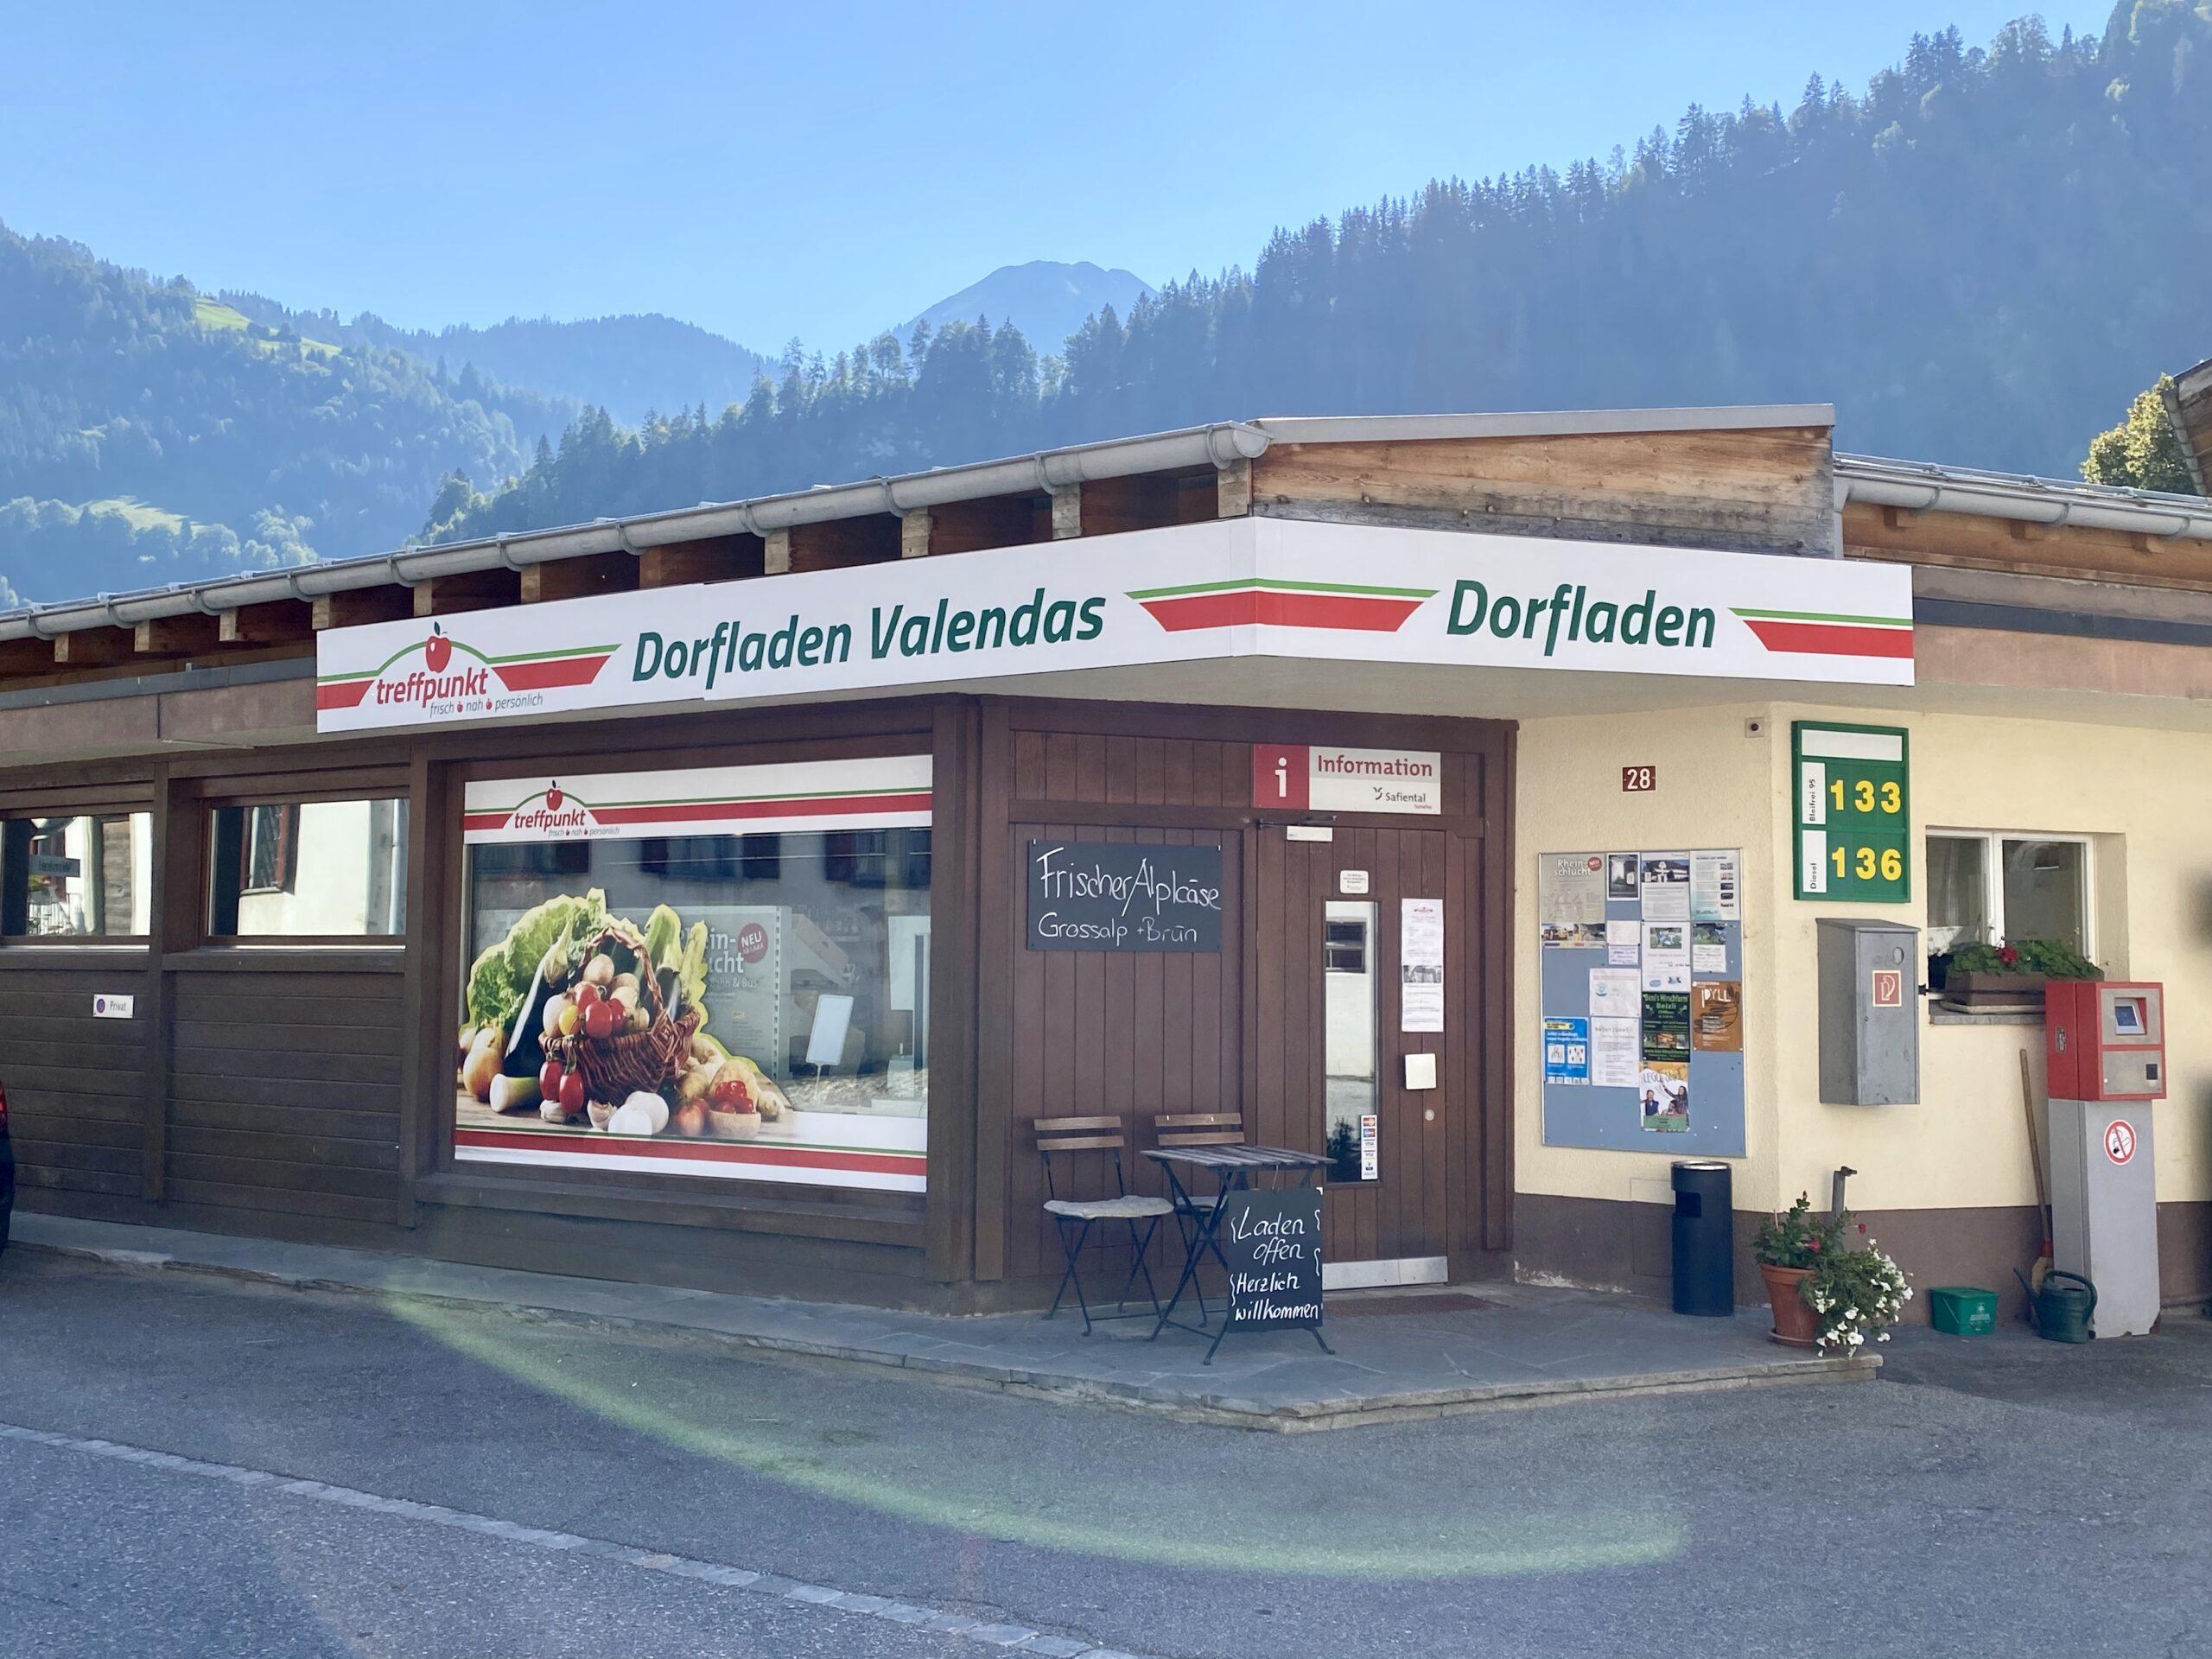 Dorfladen Valendas